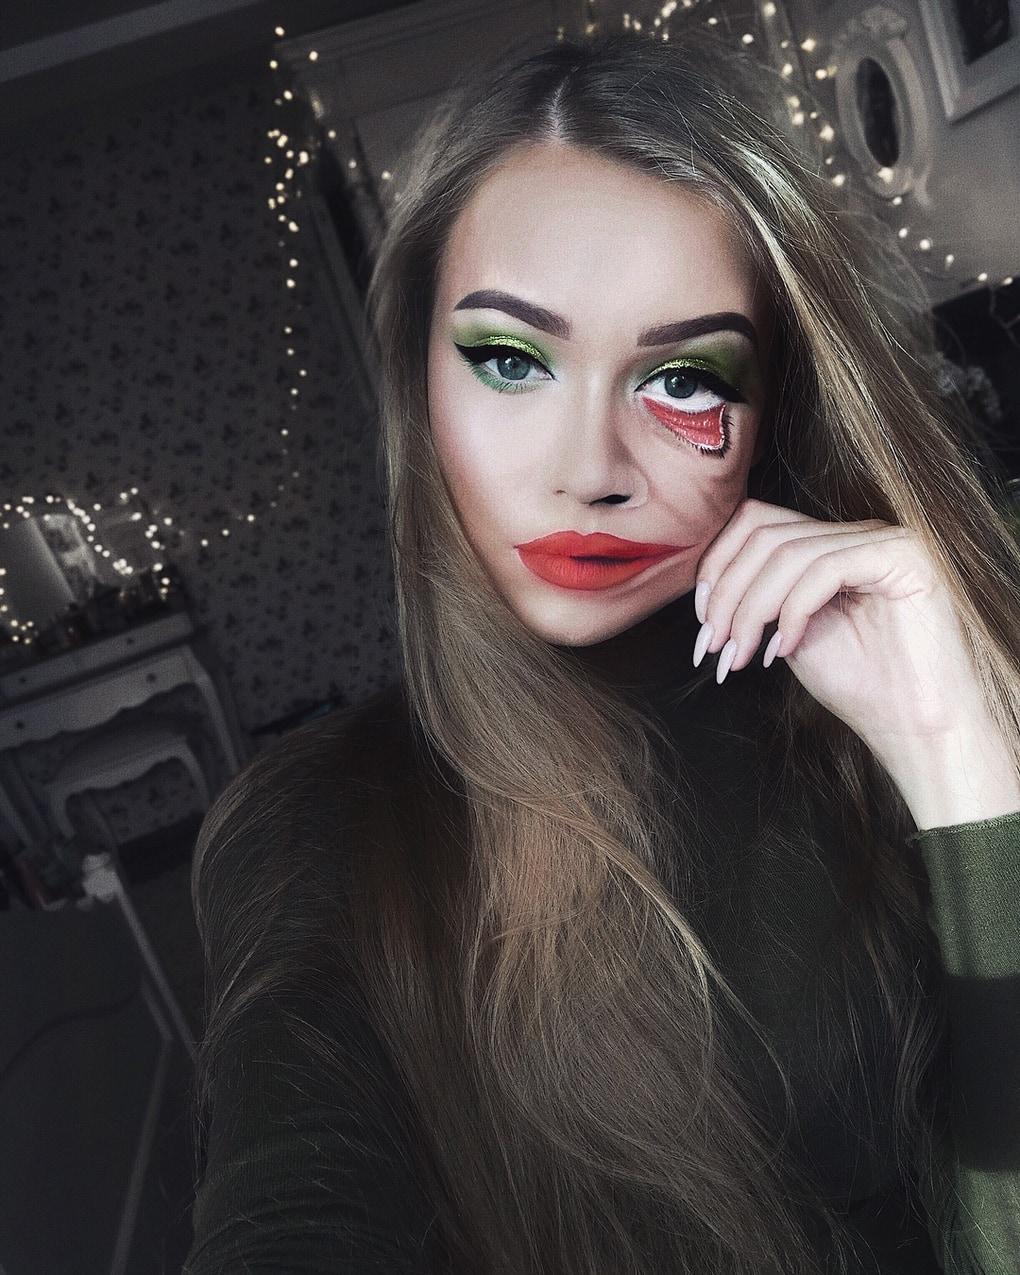 Визажист из Литвы делает макияж, с которым на Хэллоуине любая будет звездой вечеринки 5